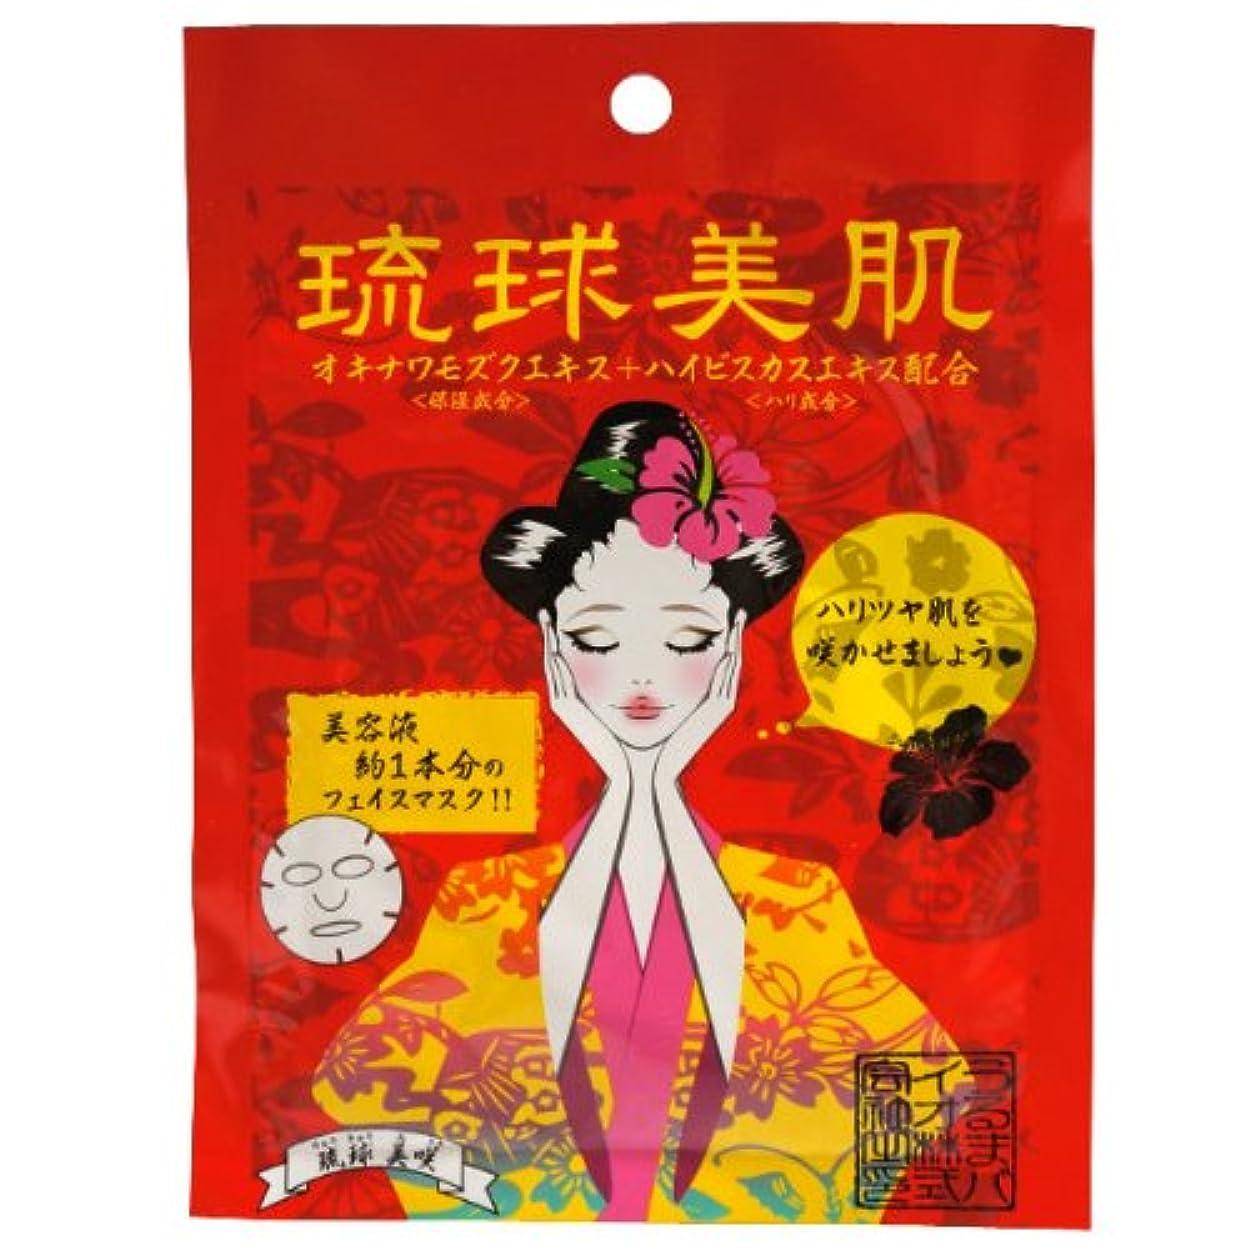 持参断言する熟考する琉球美肌 ハイビスカスの香り